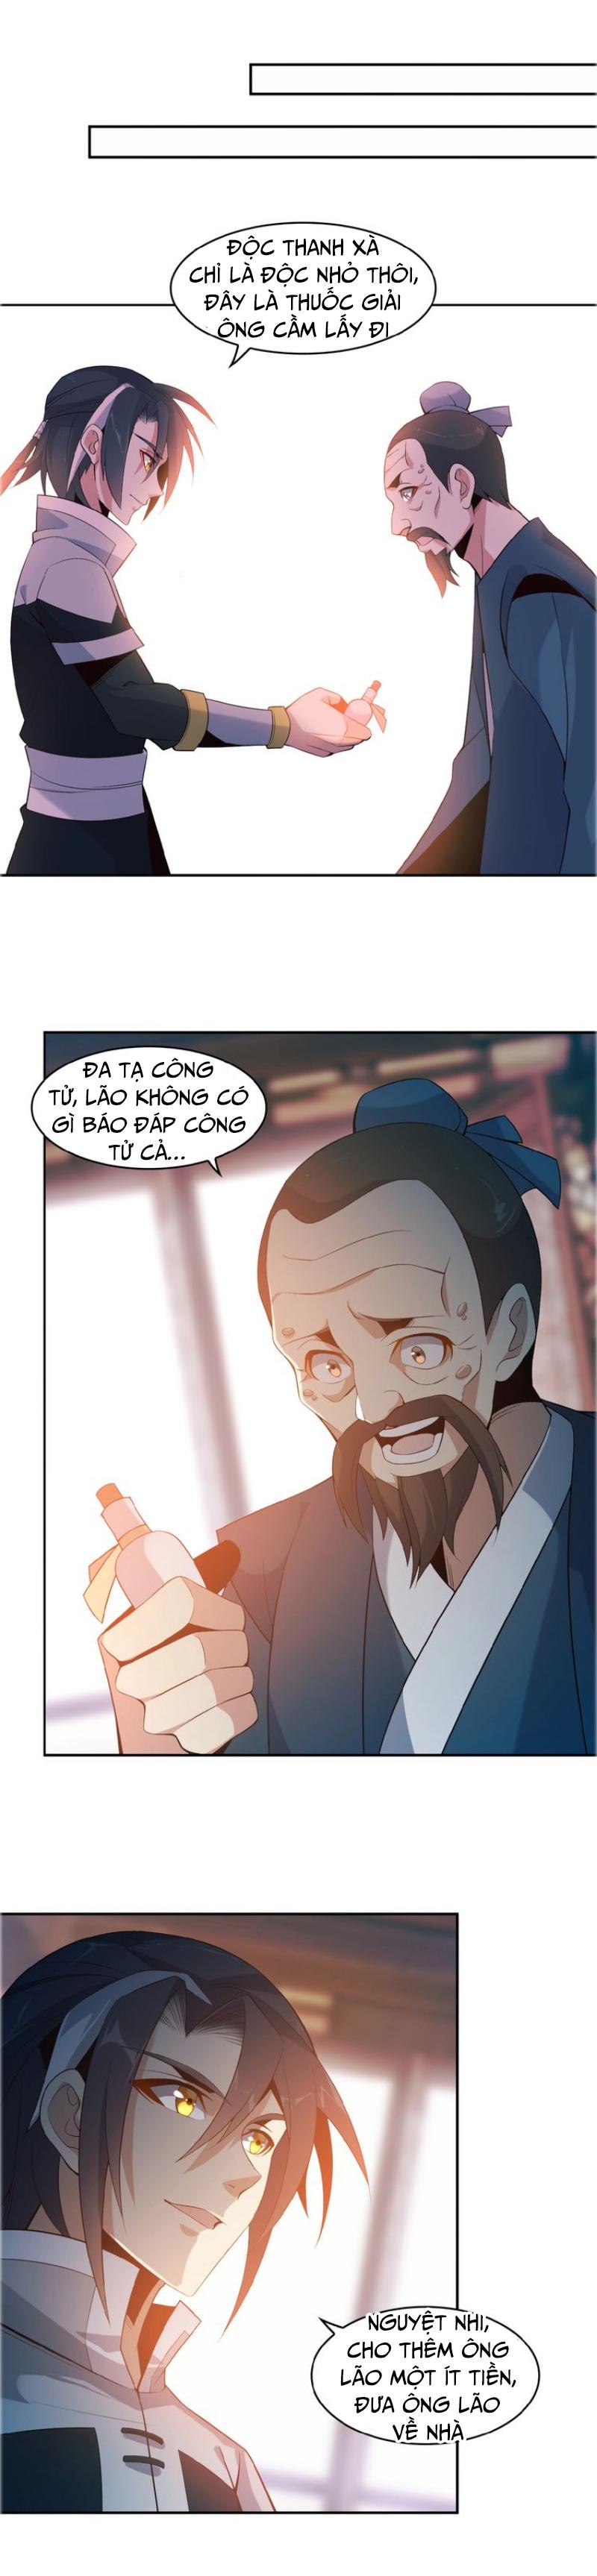 Thôn Phệ Một Thế Giới Tu Tiên Chapter 7 - Truyenmoi.xyz